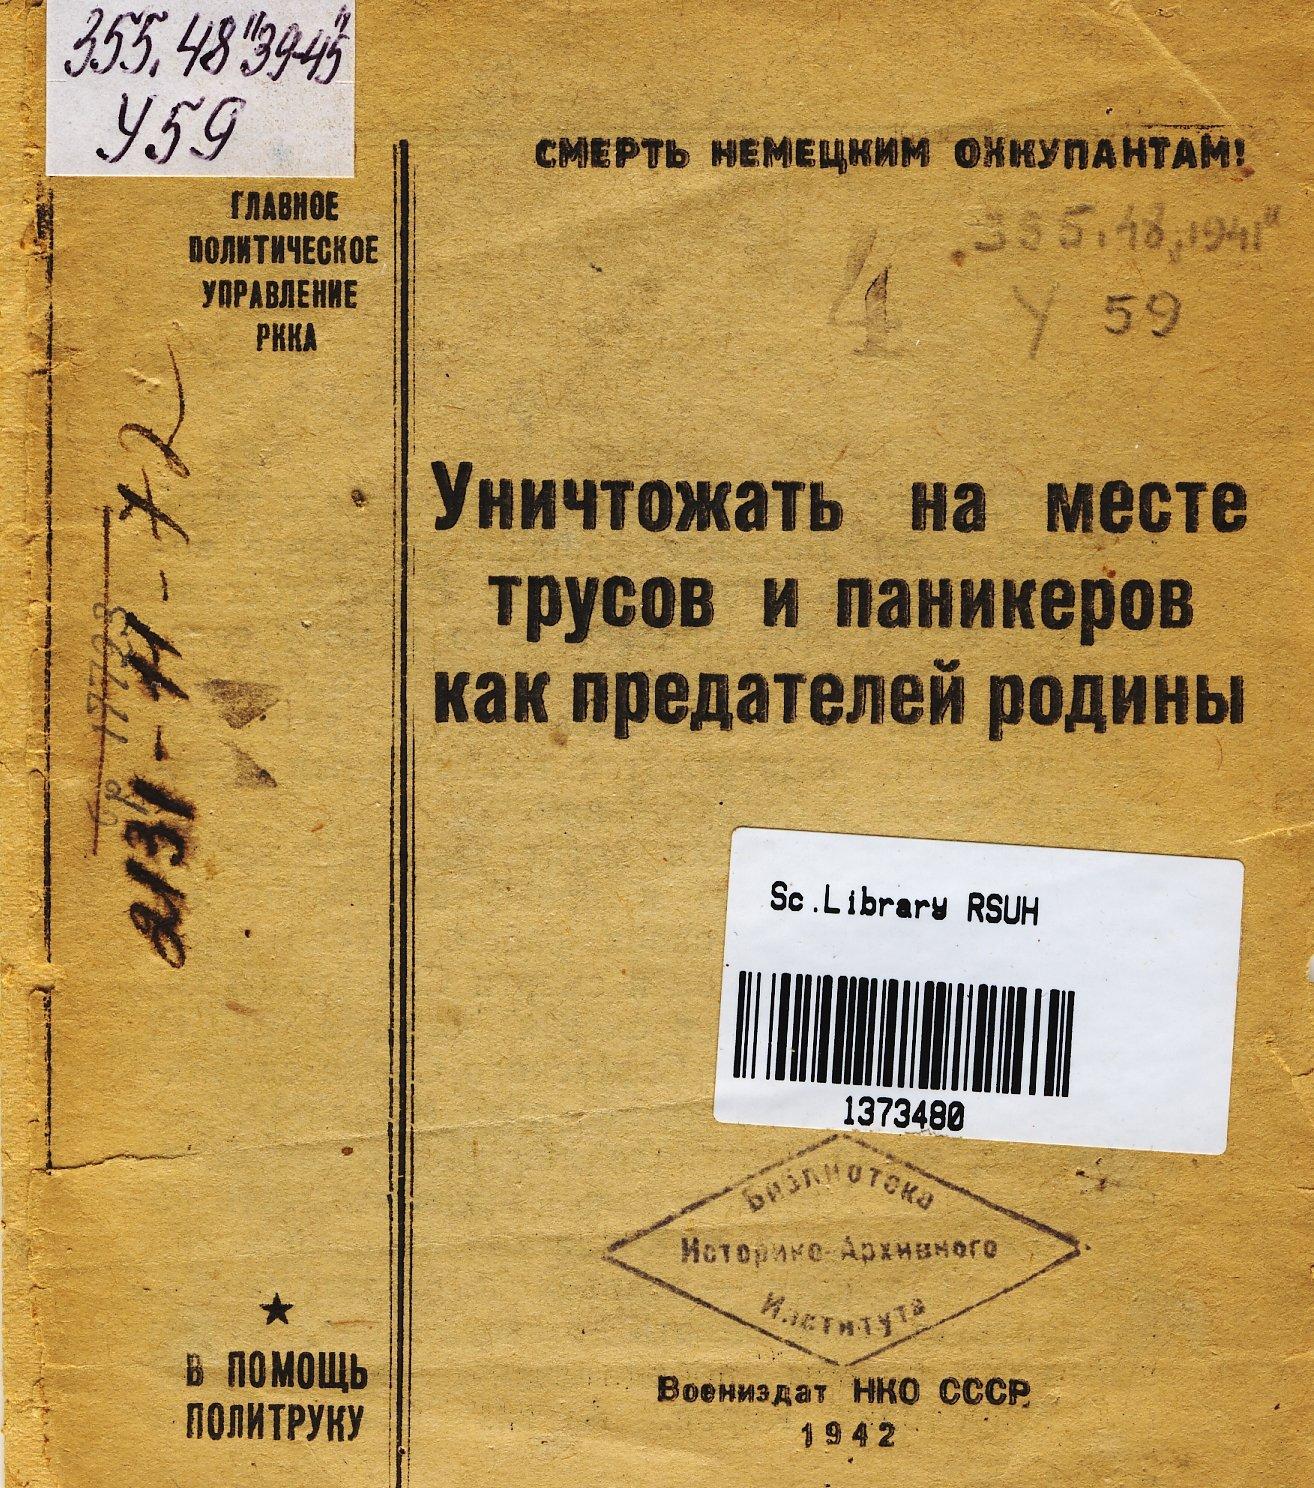 Брошюра 1942 года серии «В помощь политруку» содержит приказ №227 от 28 июля 1942 года «О мерах по укреплению дисциплины и порядка в Красной Армии и запрещении самовольного отхода с боевых позиций»